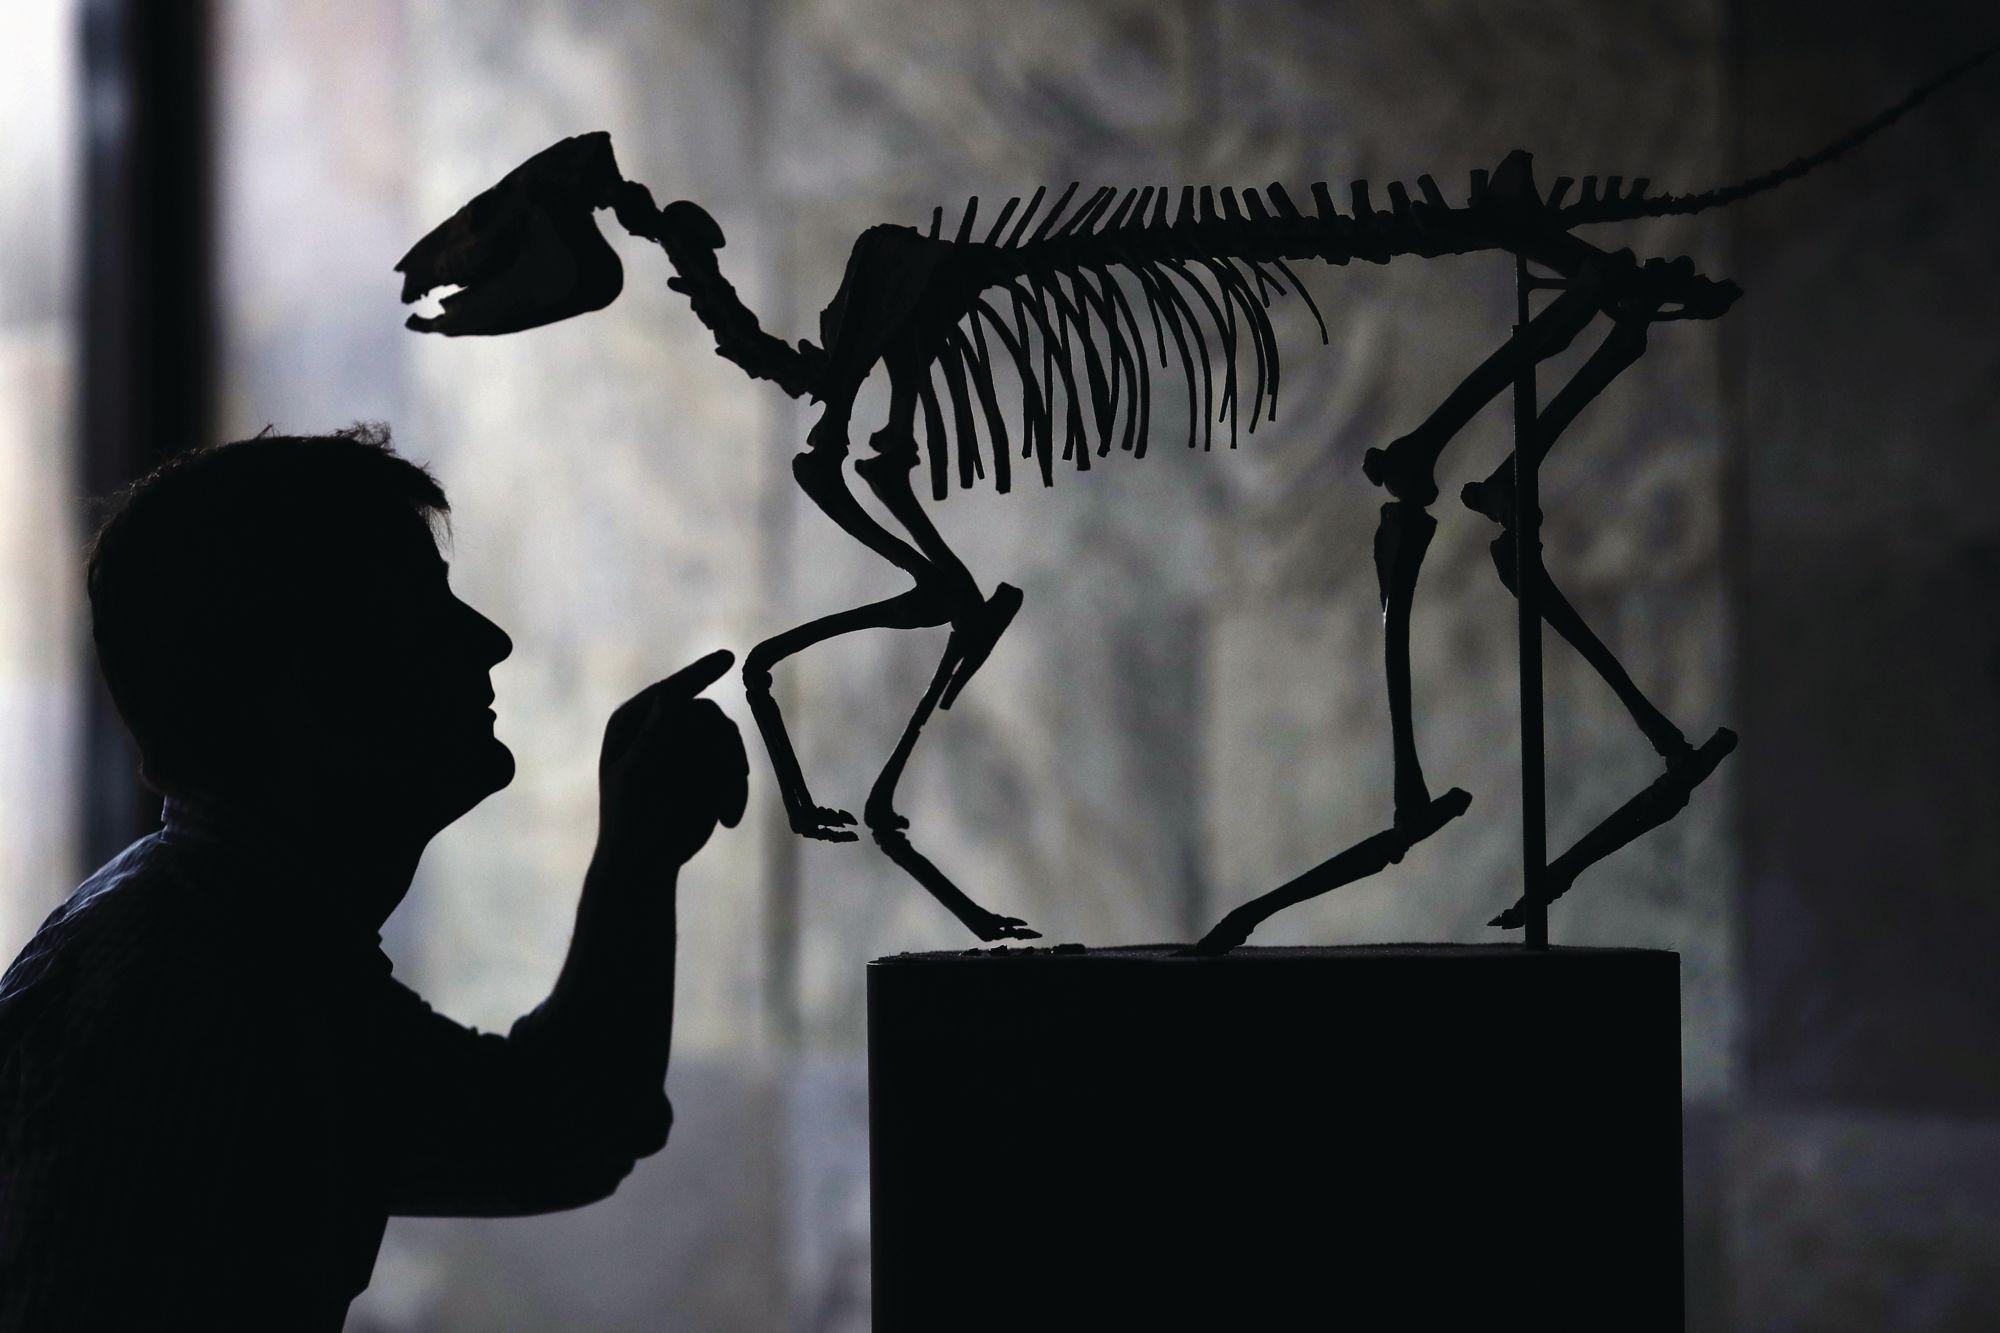 拍賣行員工在一場由薩默斯廣場拍賣行( Summers Place Auction House)舉辦的化石拍賣會前,準備始祖馬(eohippus)的標本。(Photo: Dan Kitwood/Getty Images)